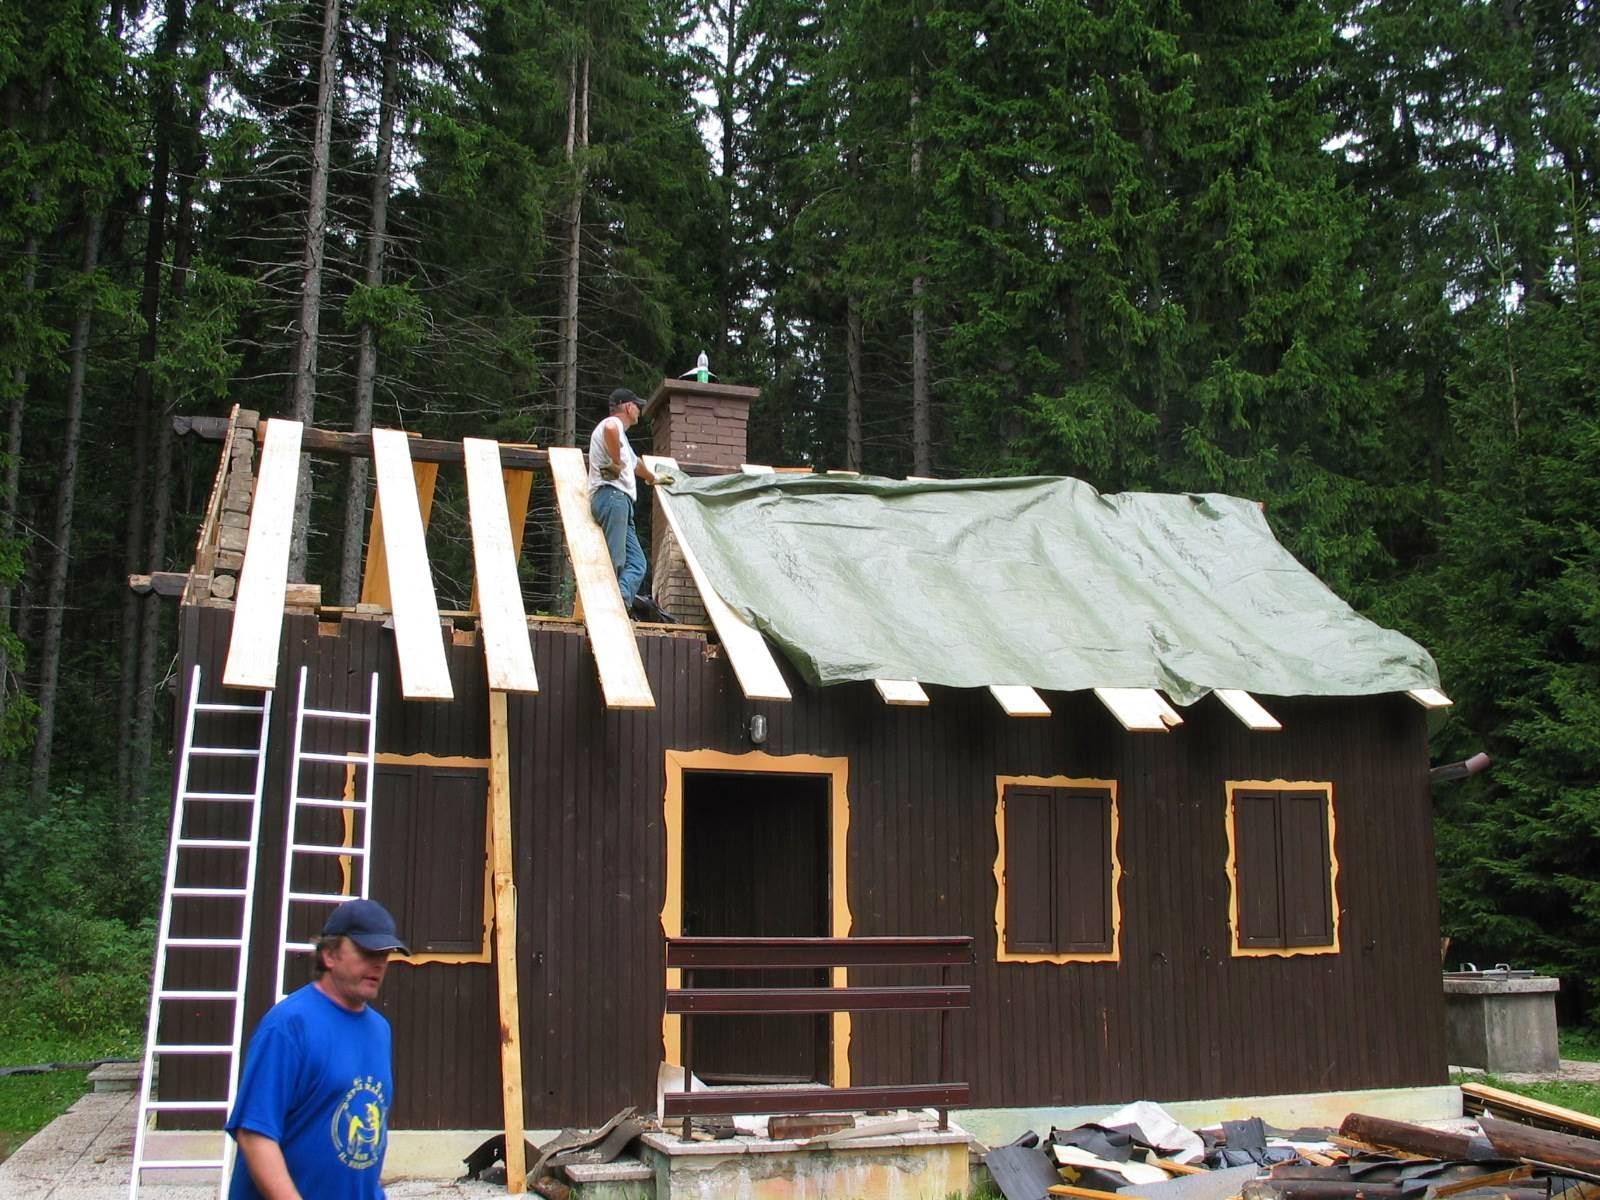 Delovna akcija - Streha, Črni dol 2006 - streha%2B139.jpg